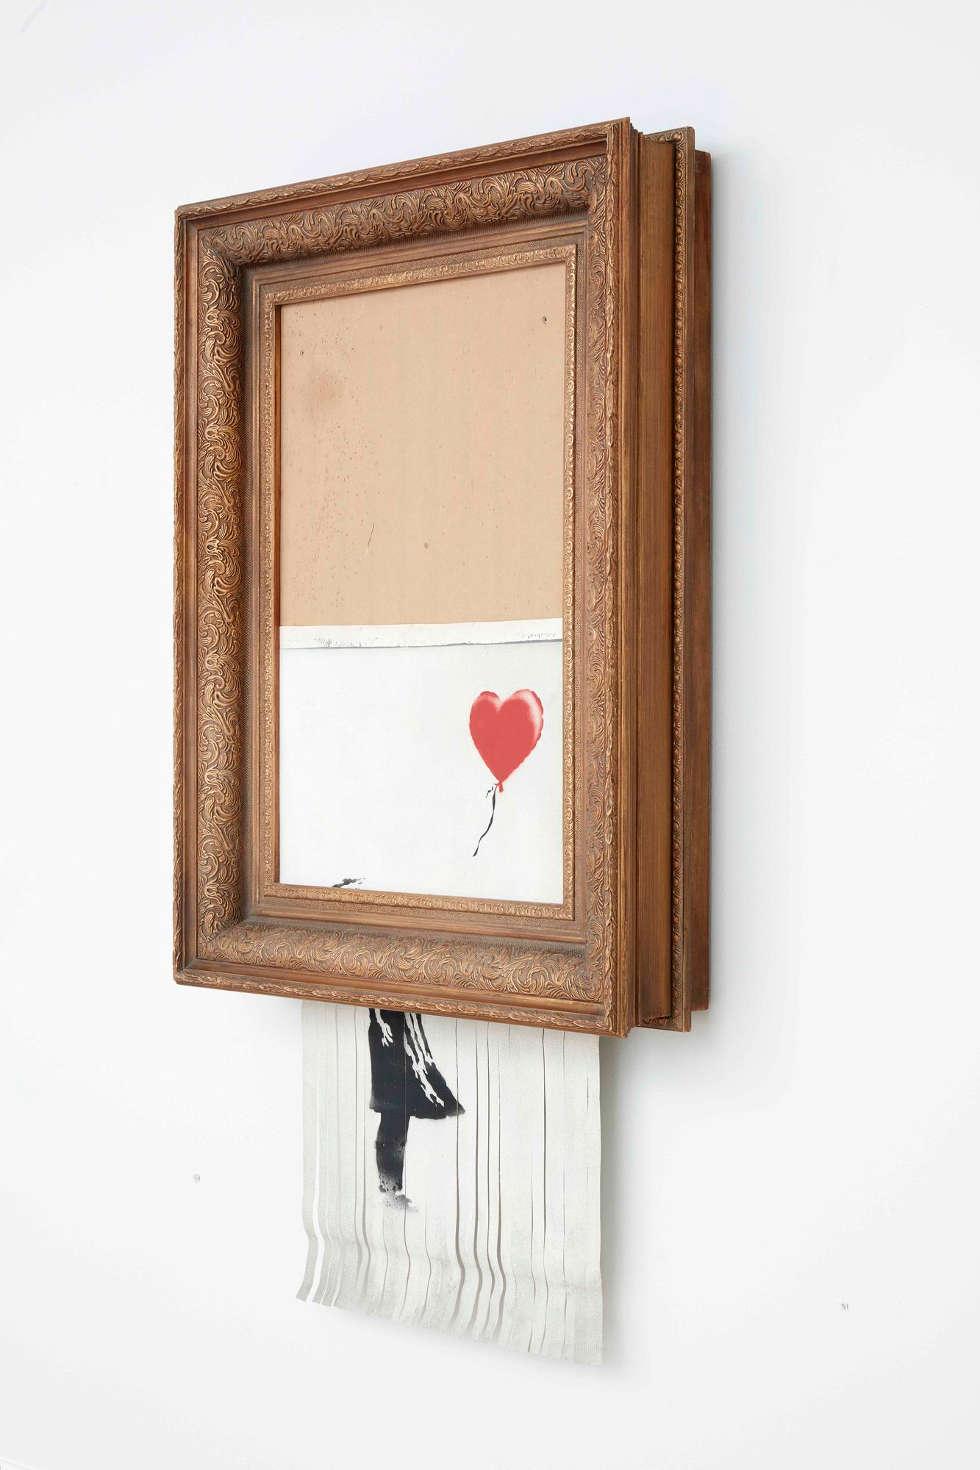 Banksy, Love Is in the Bin, 2018, Sprayfarbe und Acryl auf Leinwand, 142 x 78 x 18 cm, Privatsammlung, Foto: Sotheby's, © Banksy